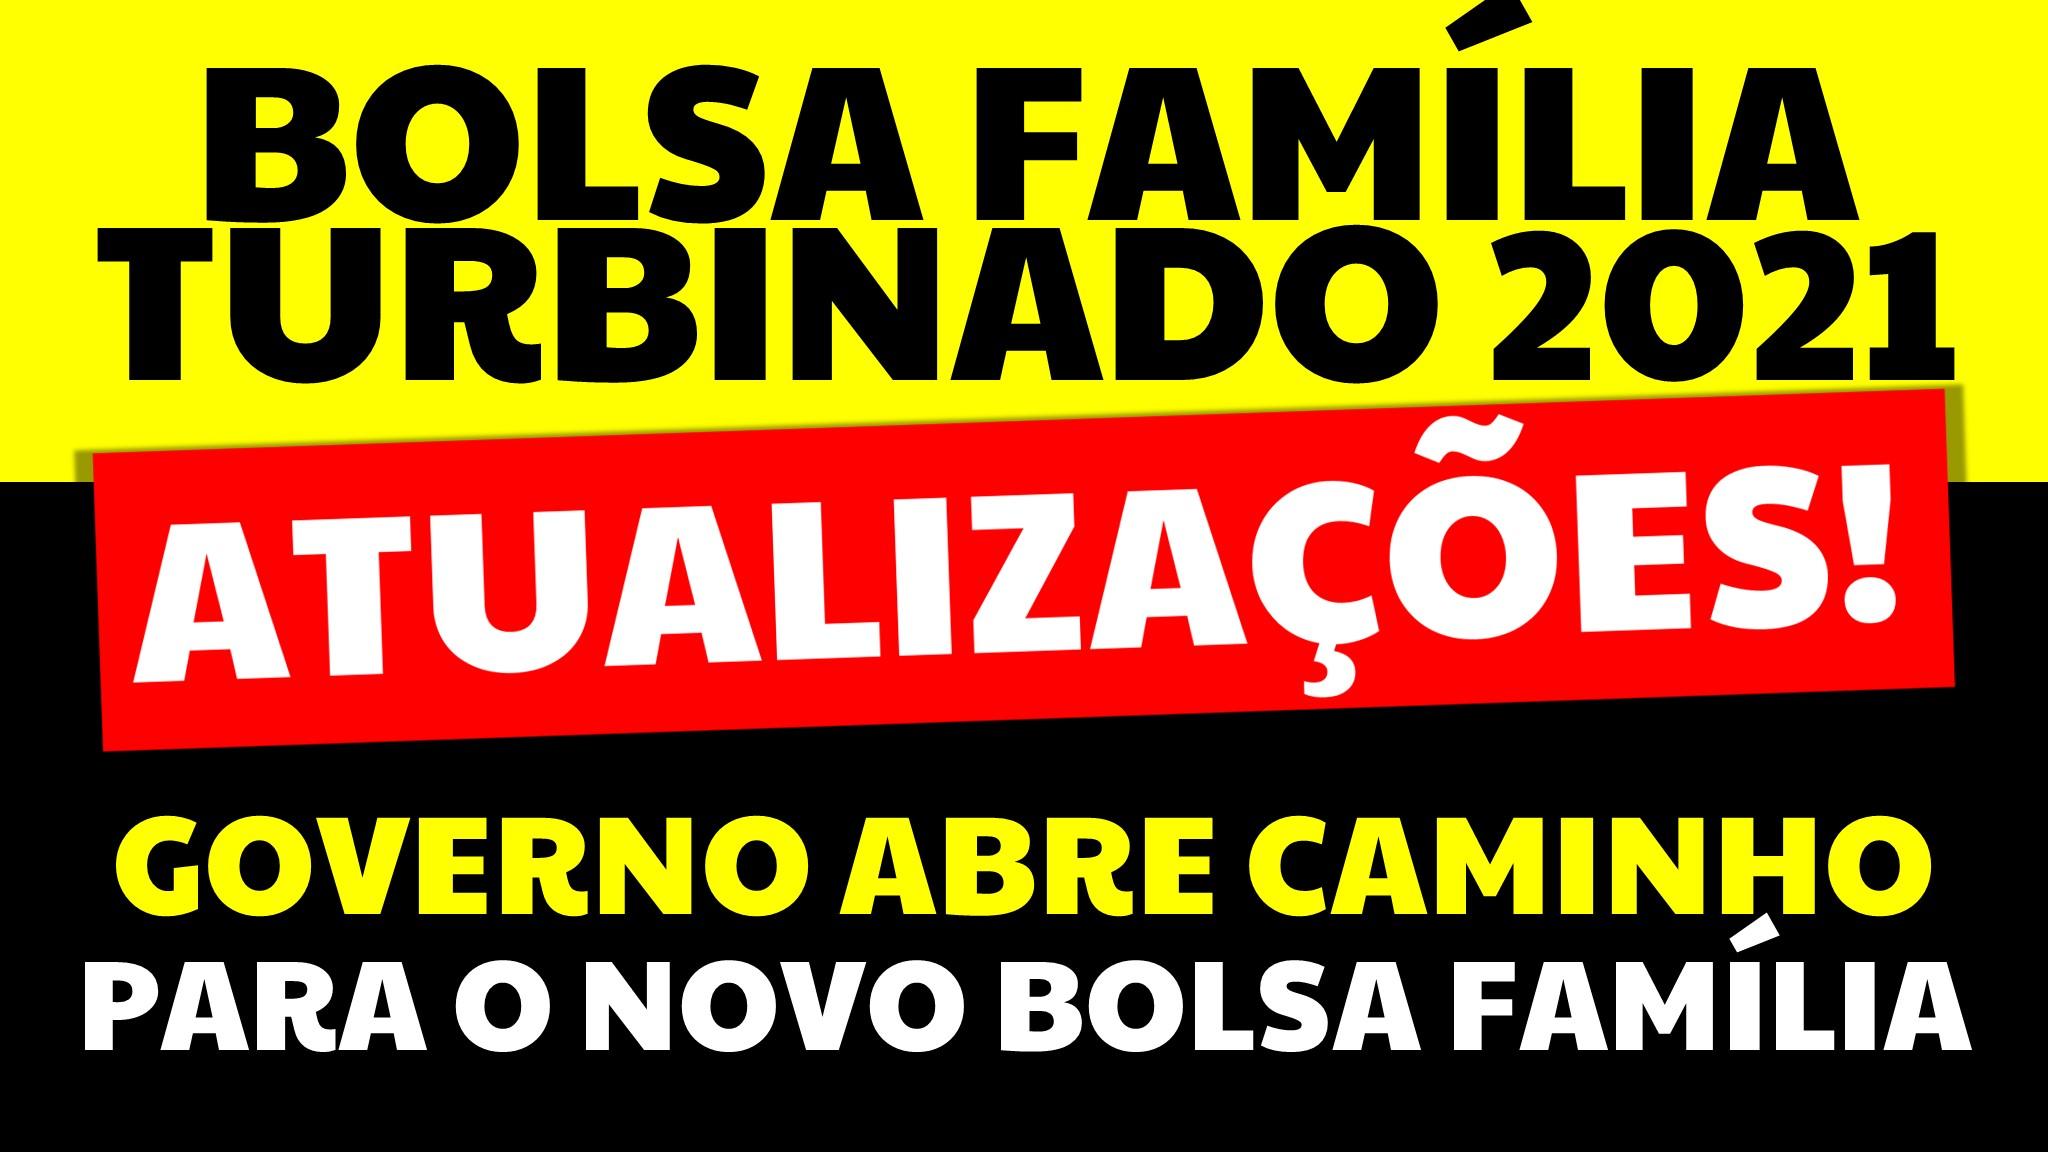 You are currently viewing Reformulação do Bolsa Família: Governo abre caminho para o novo projeto no orçamento de 2022